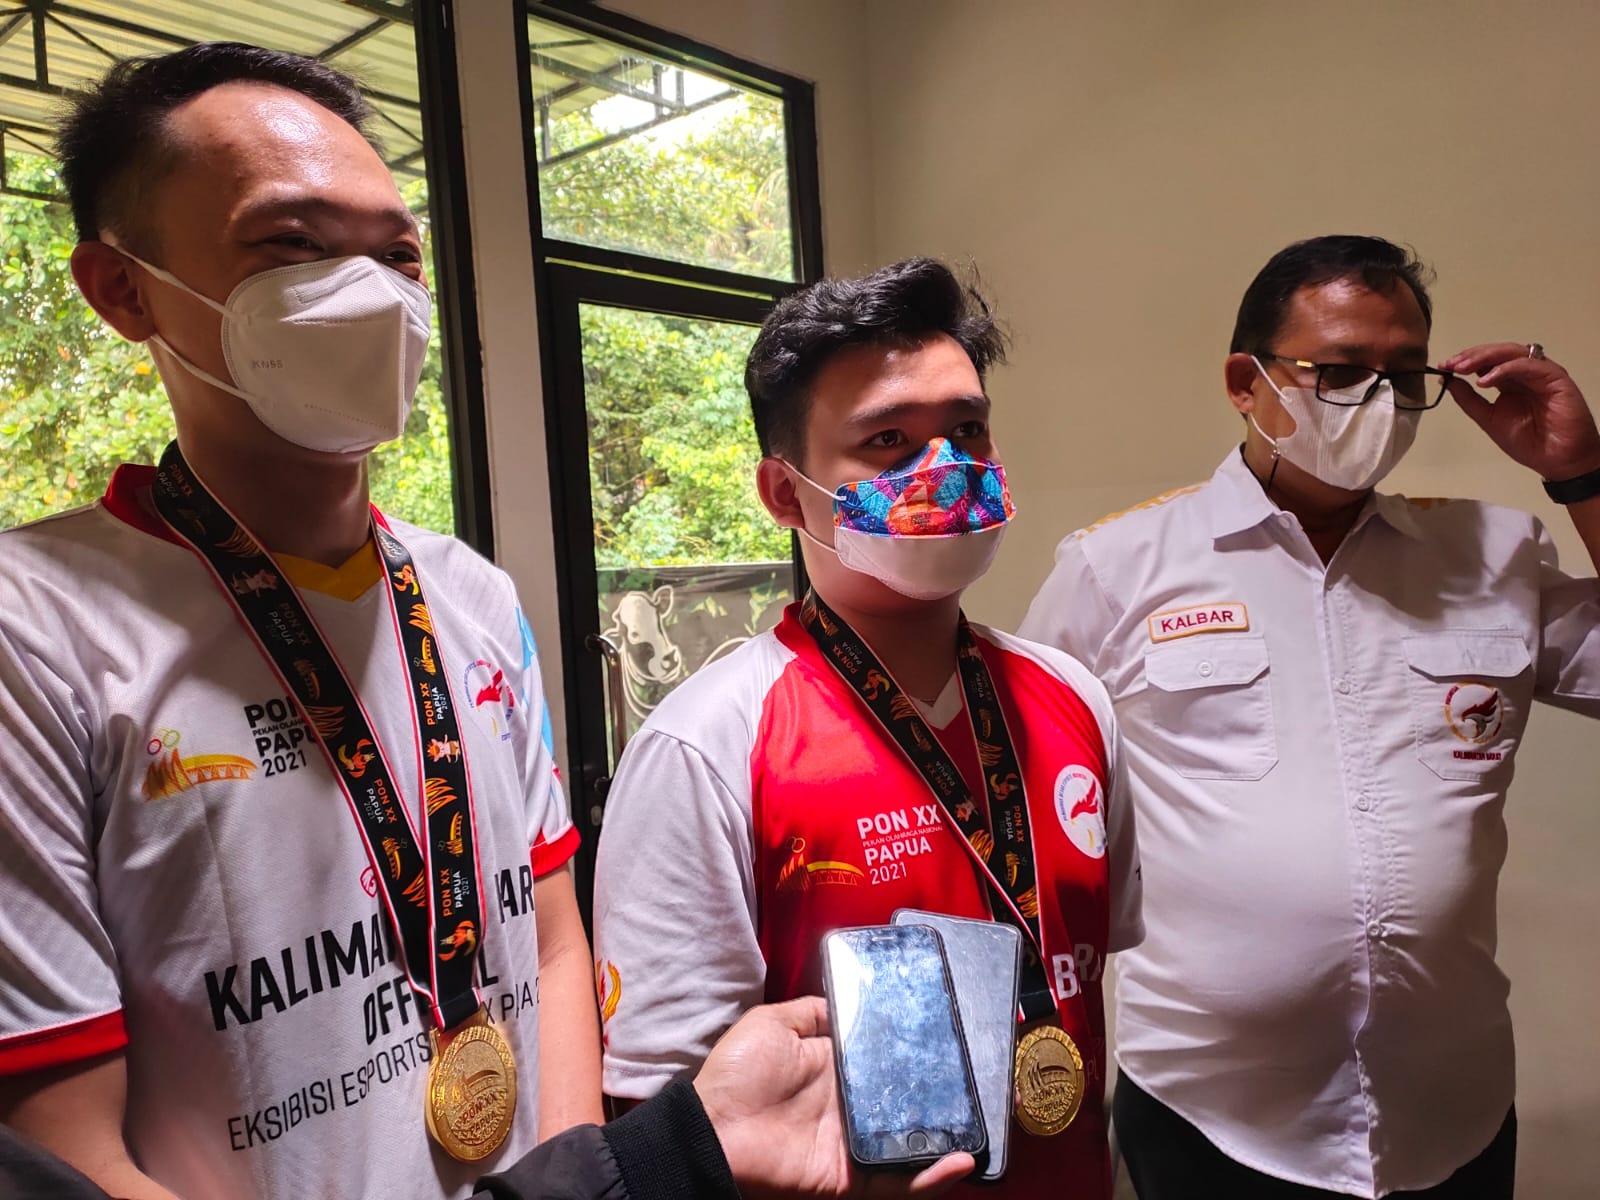 Bawa Pulang Emas, HFX Siapkan 3000 Dolar untuk Atlet Mobile Legends Kalbar